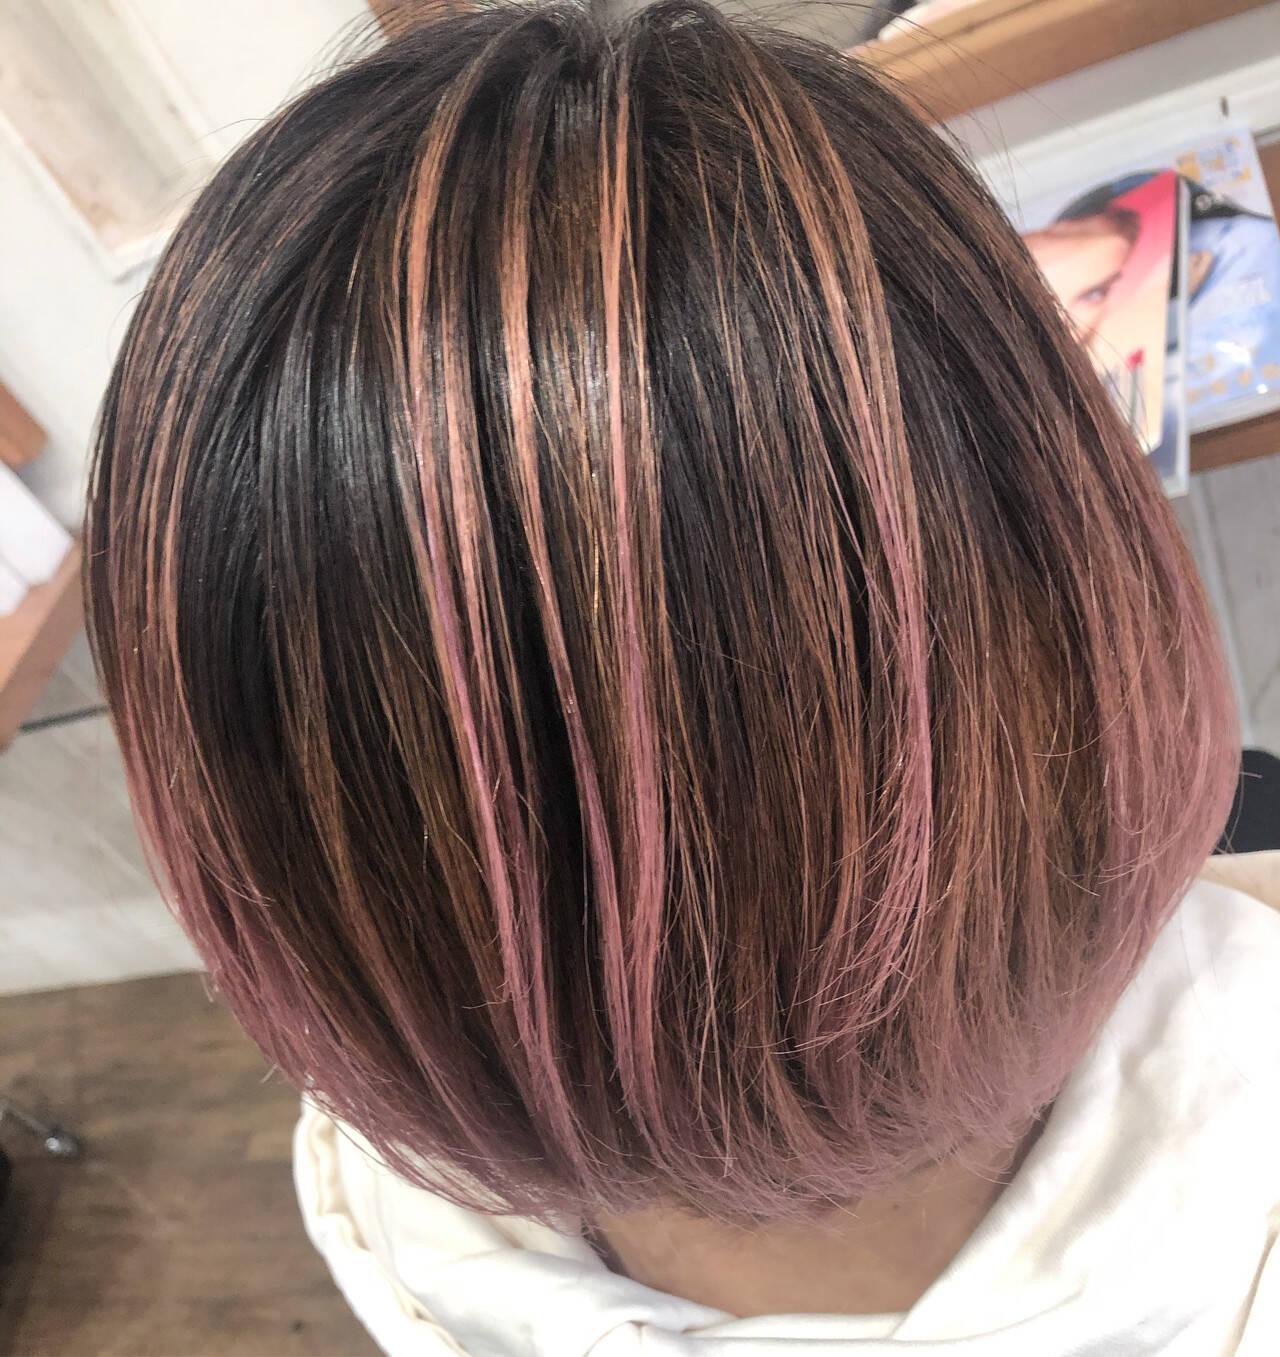 モード グラデーション バレイヤージュ ブリーチカラーヘアスタイルや髪型の写真・画像